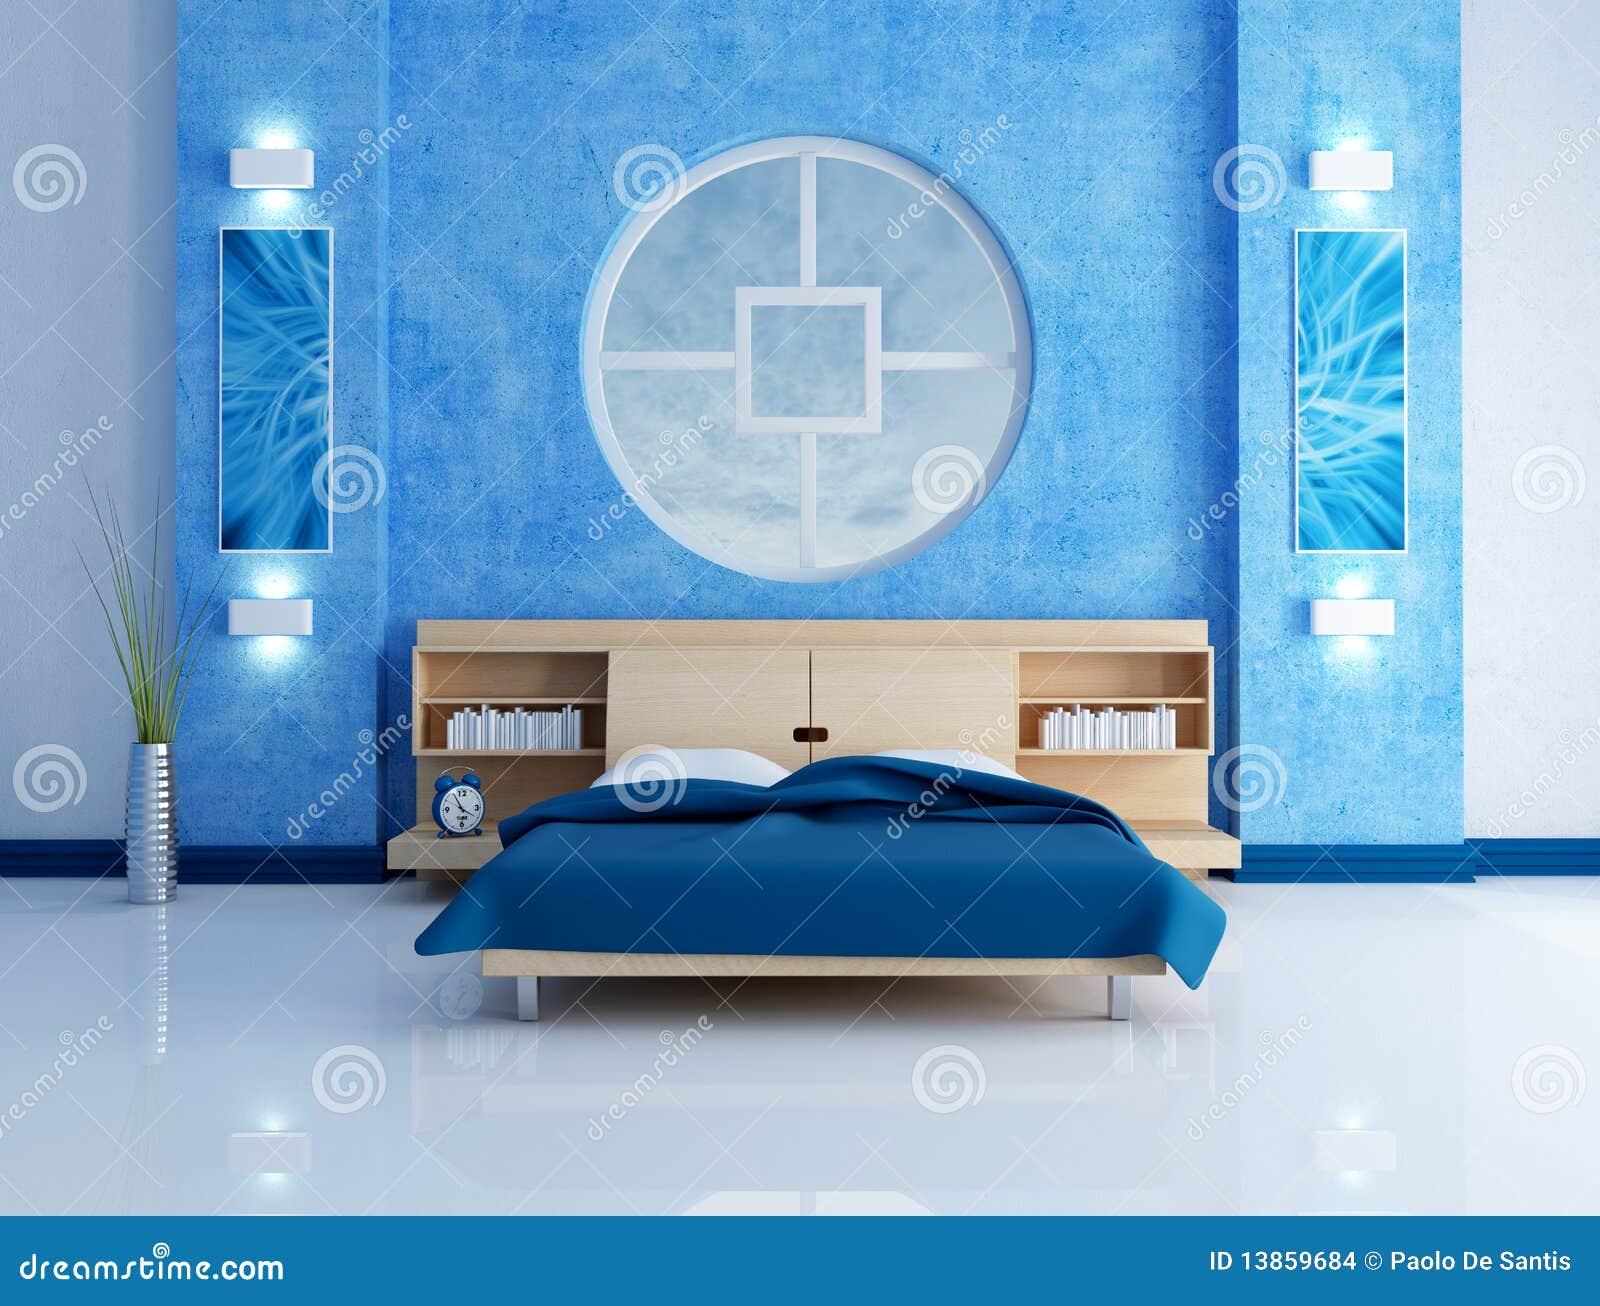 Blue modern bedroom stock images image 13859684 - Modern bedroom blue ...